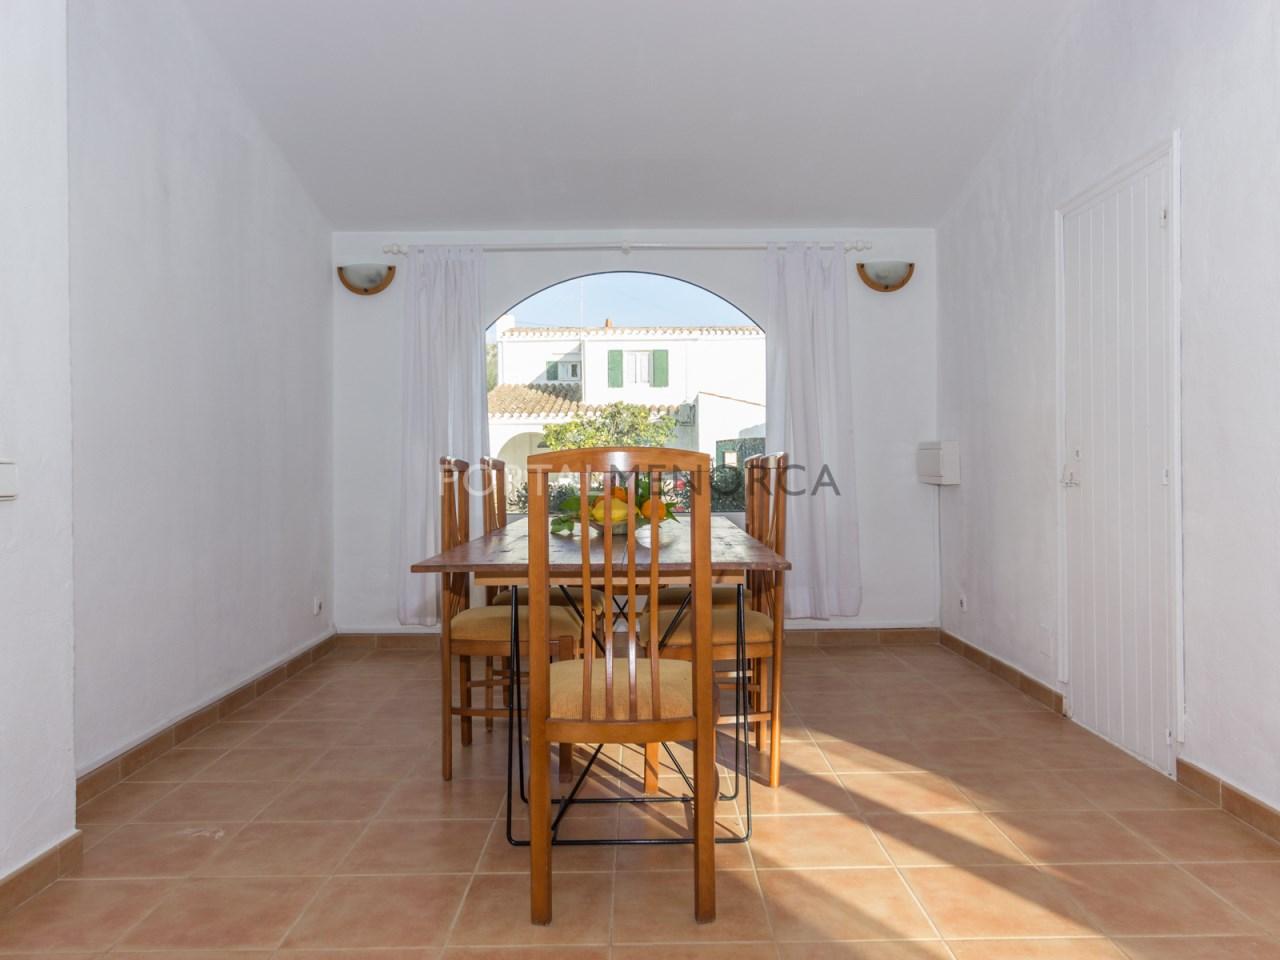 casa con patio en son vilar Menorca (8 de 22)